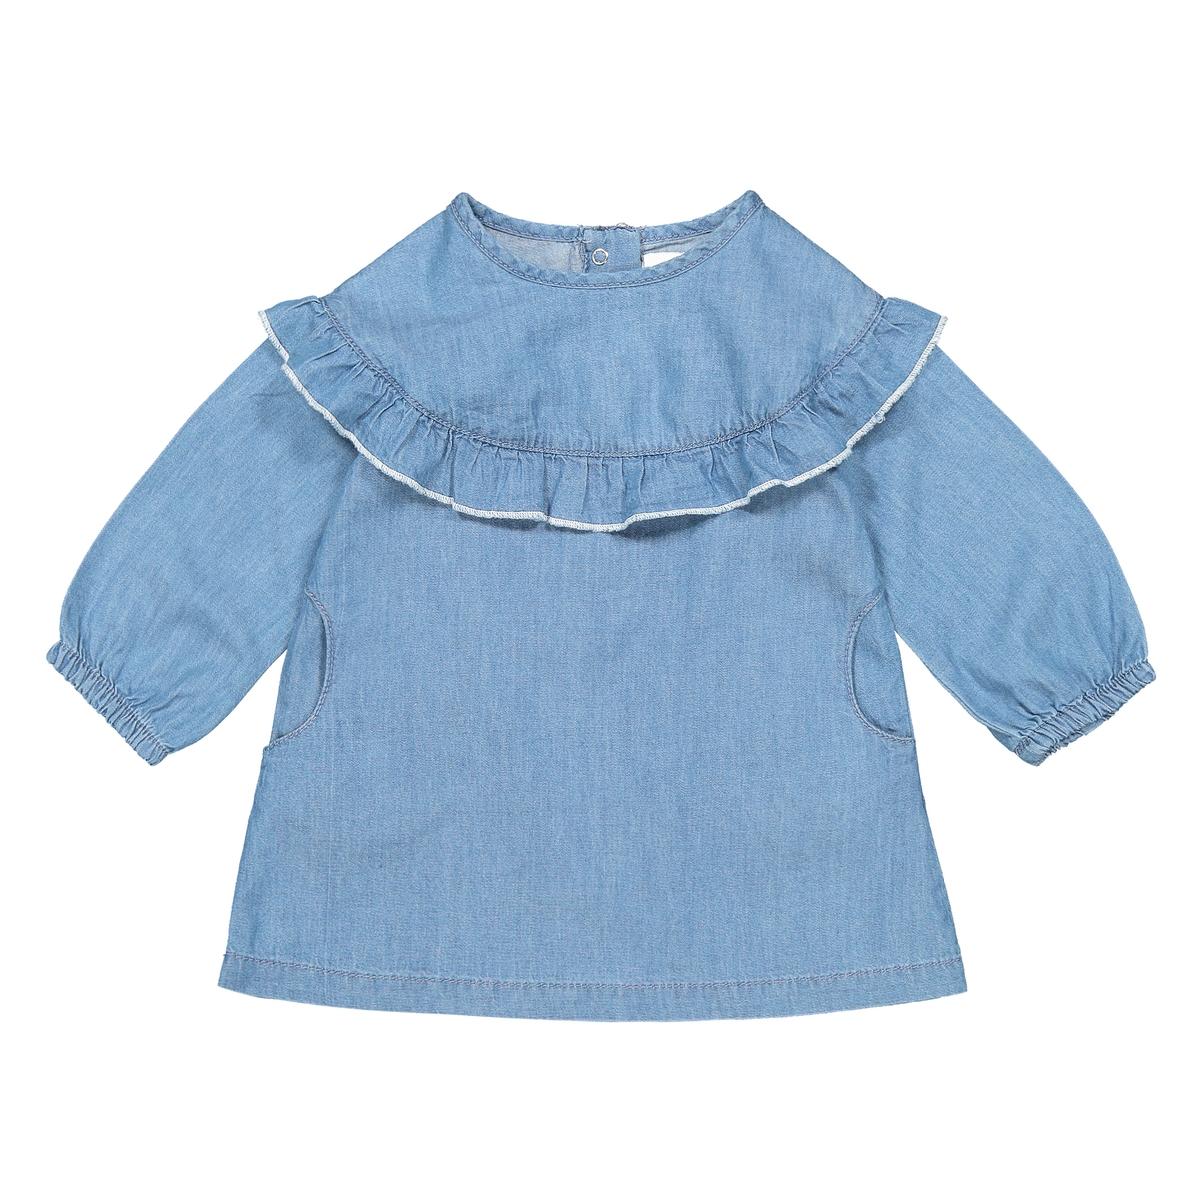 Платье La Redoute Прямое с длинными рукавами мес - года 3 года - 94 см синий комбинезон с длинными рукавами 0 мес 3 года